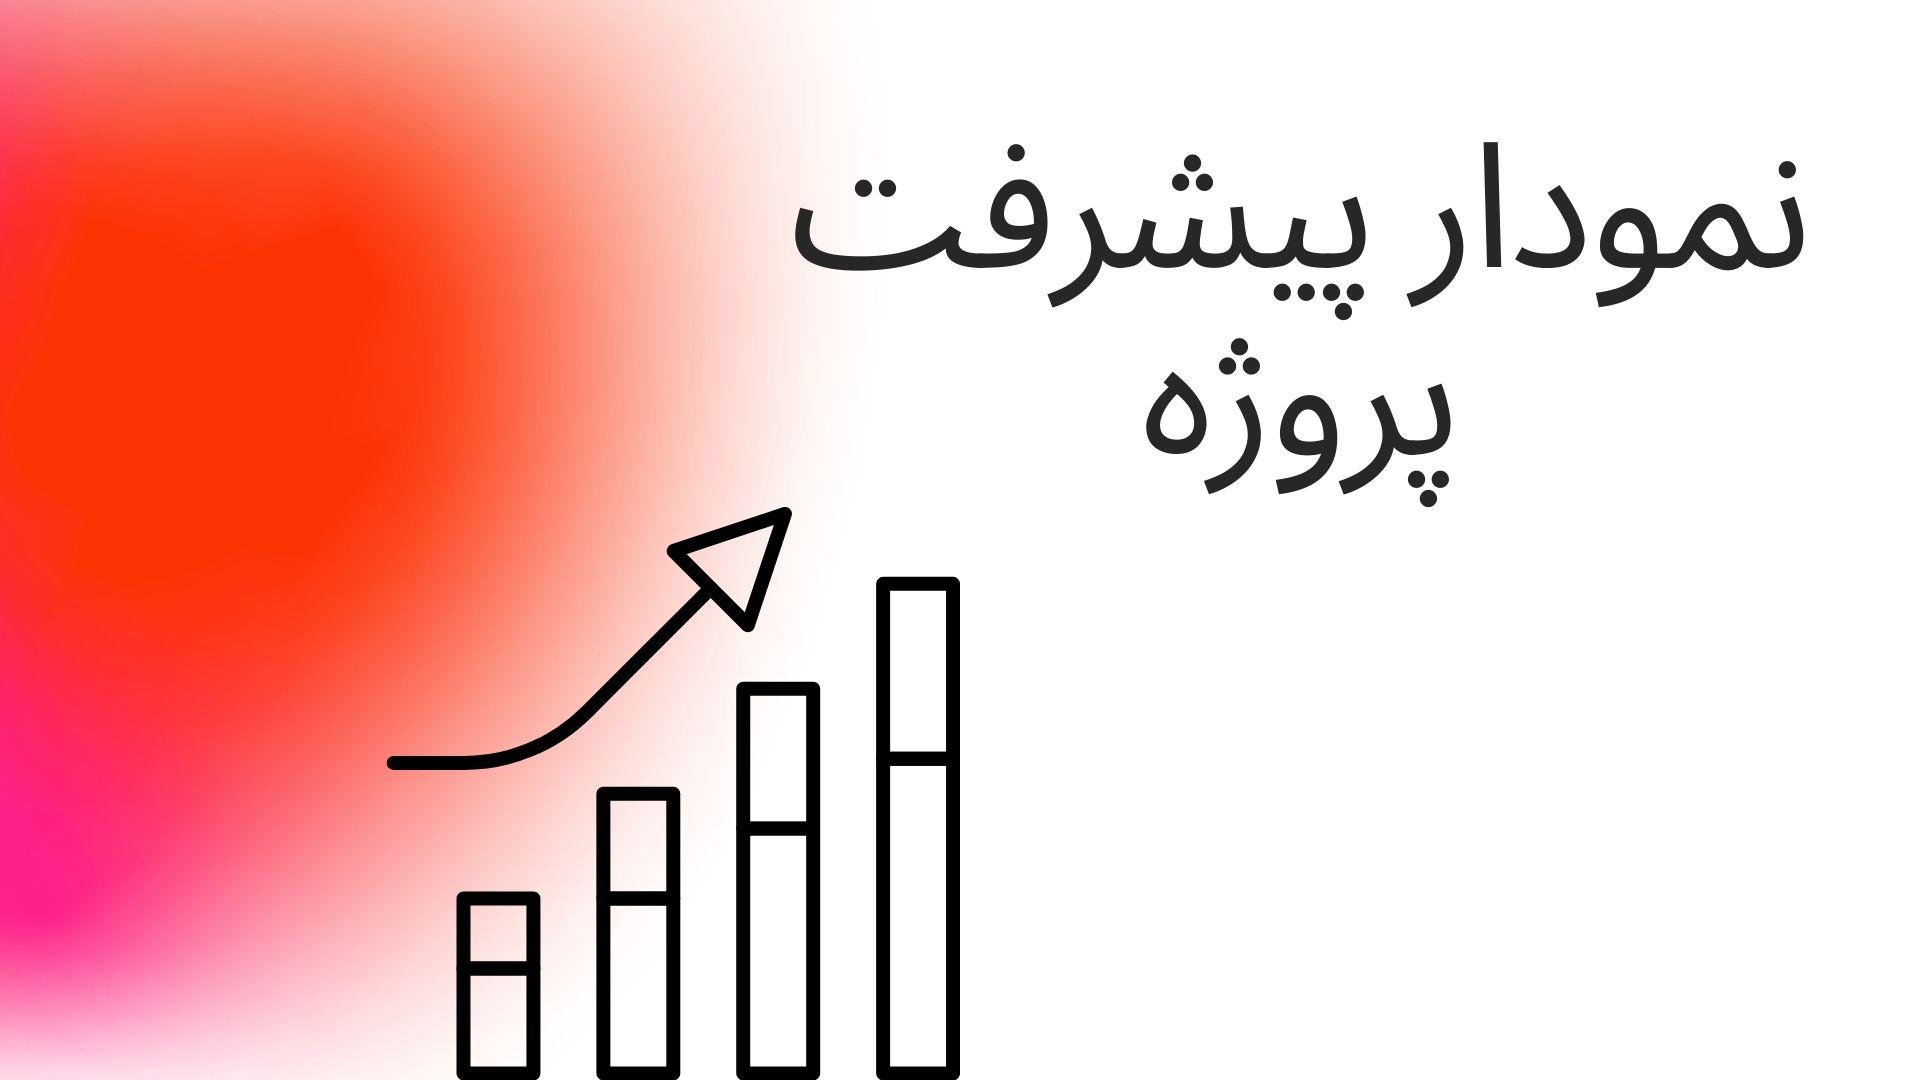 نمودار پیشرفت پروژه: